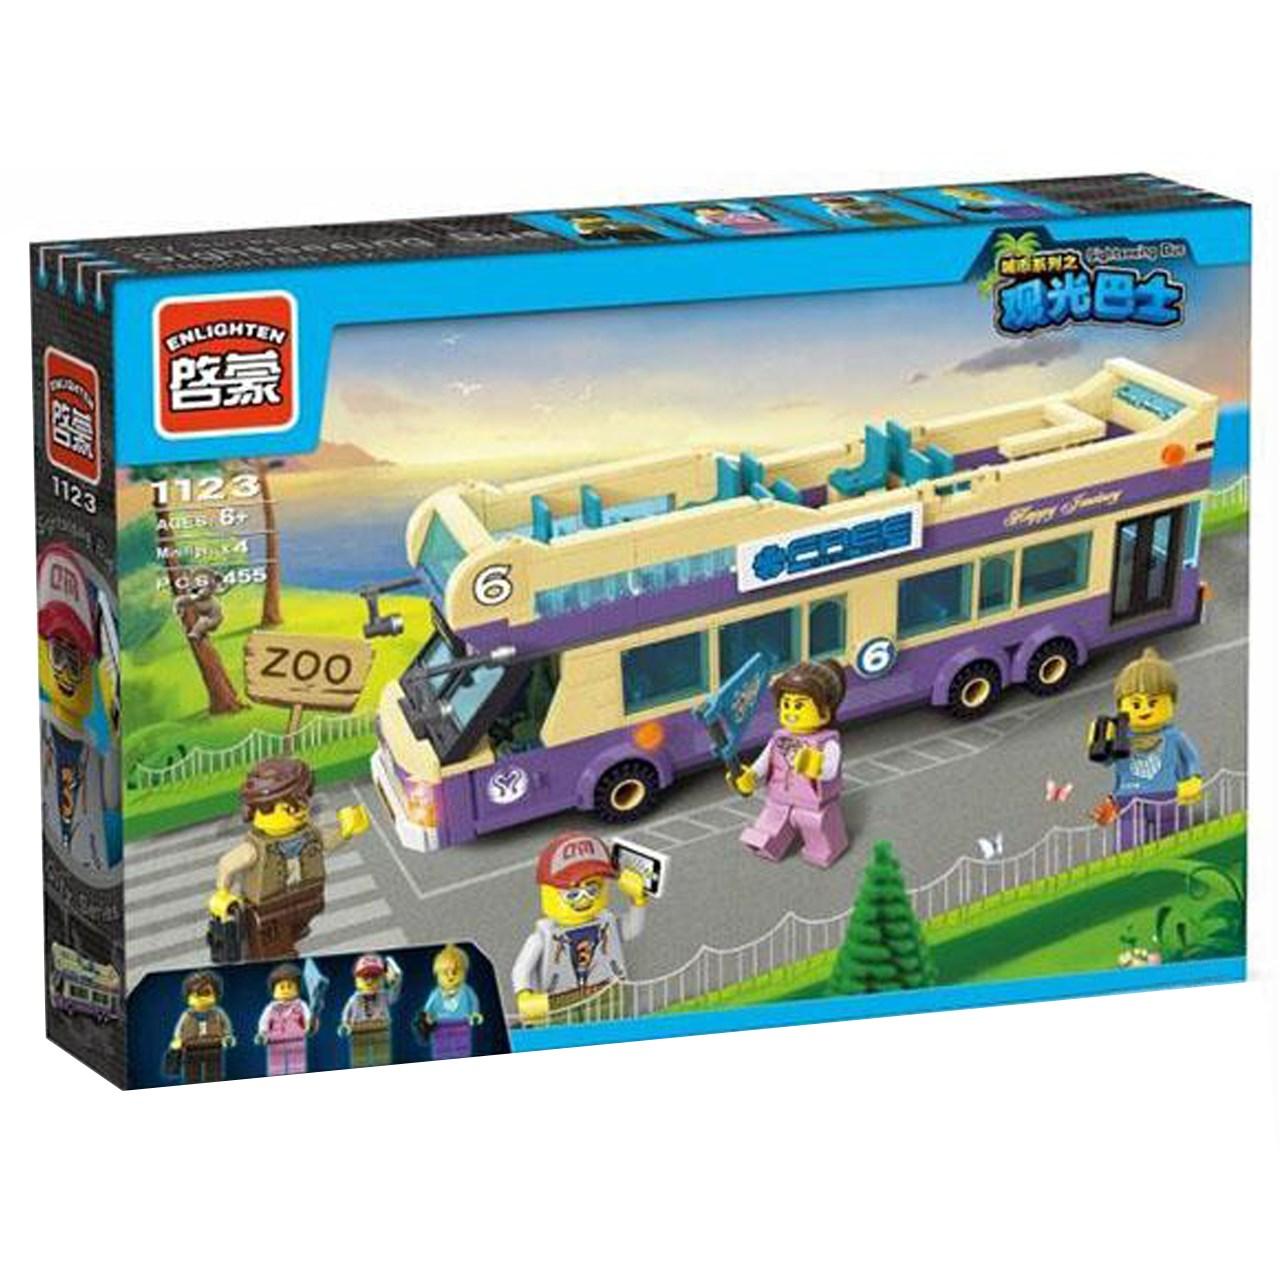 لگو اتوبوس انلایتن مدل 1123 تعداد 455 قطعه